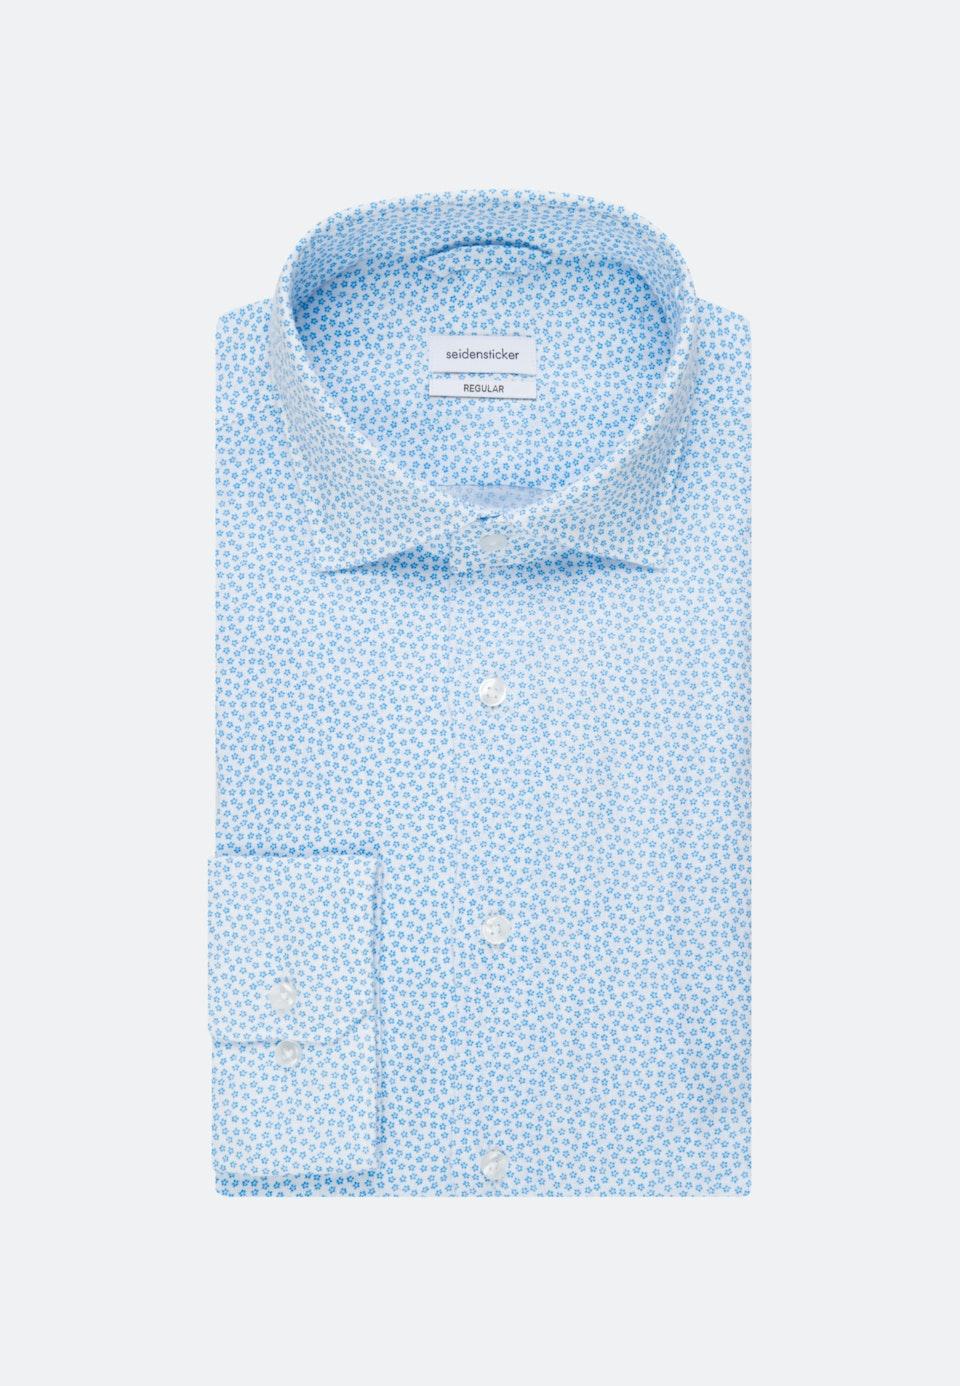 Leinen Leinenhemd in Regular mit Kentkragen in Türkis/Petrol |  Seidensticker Onlineshop